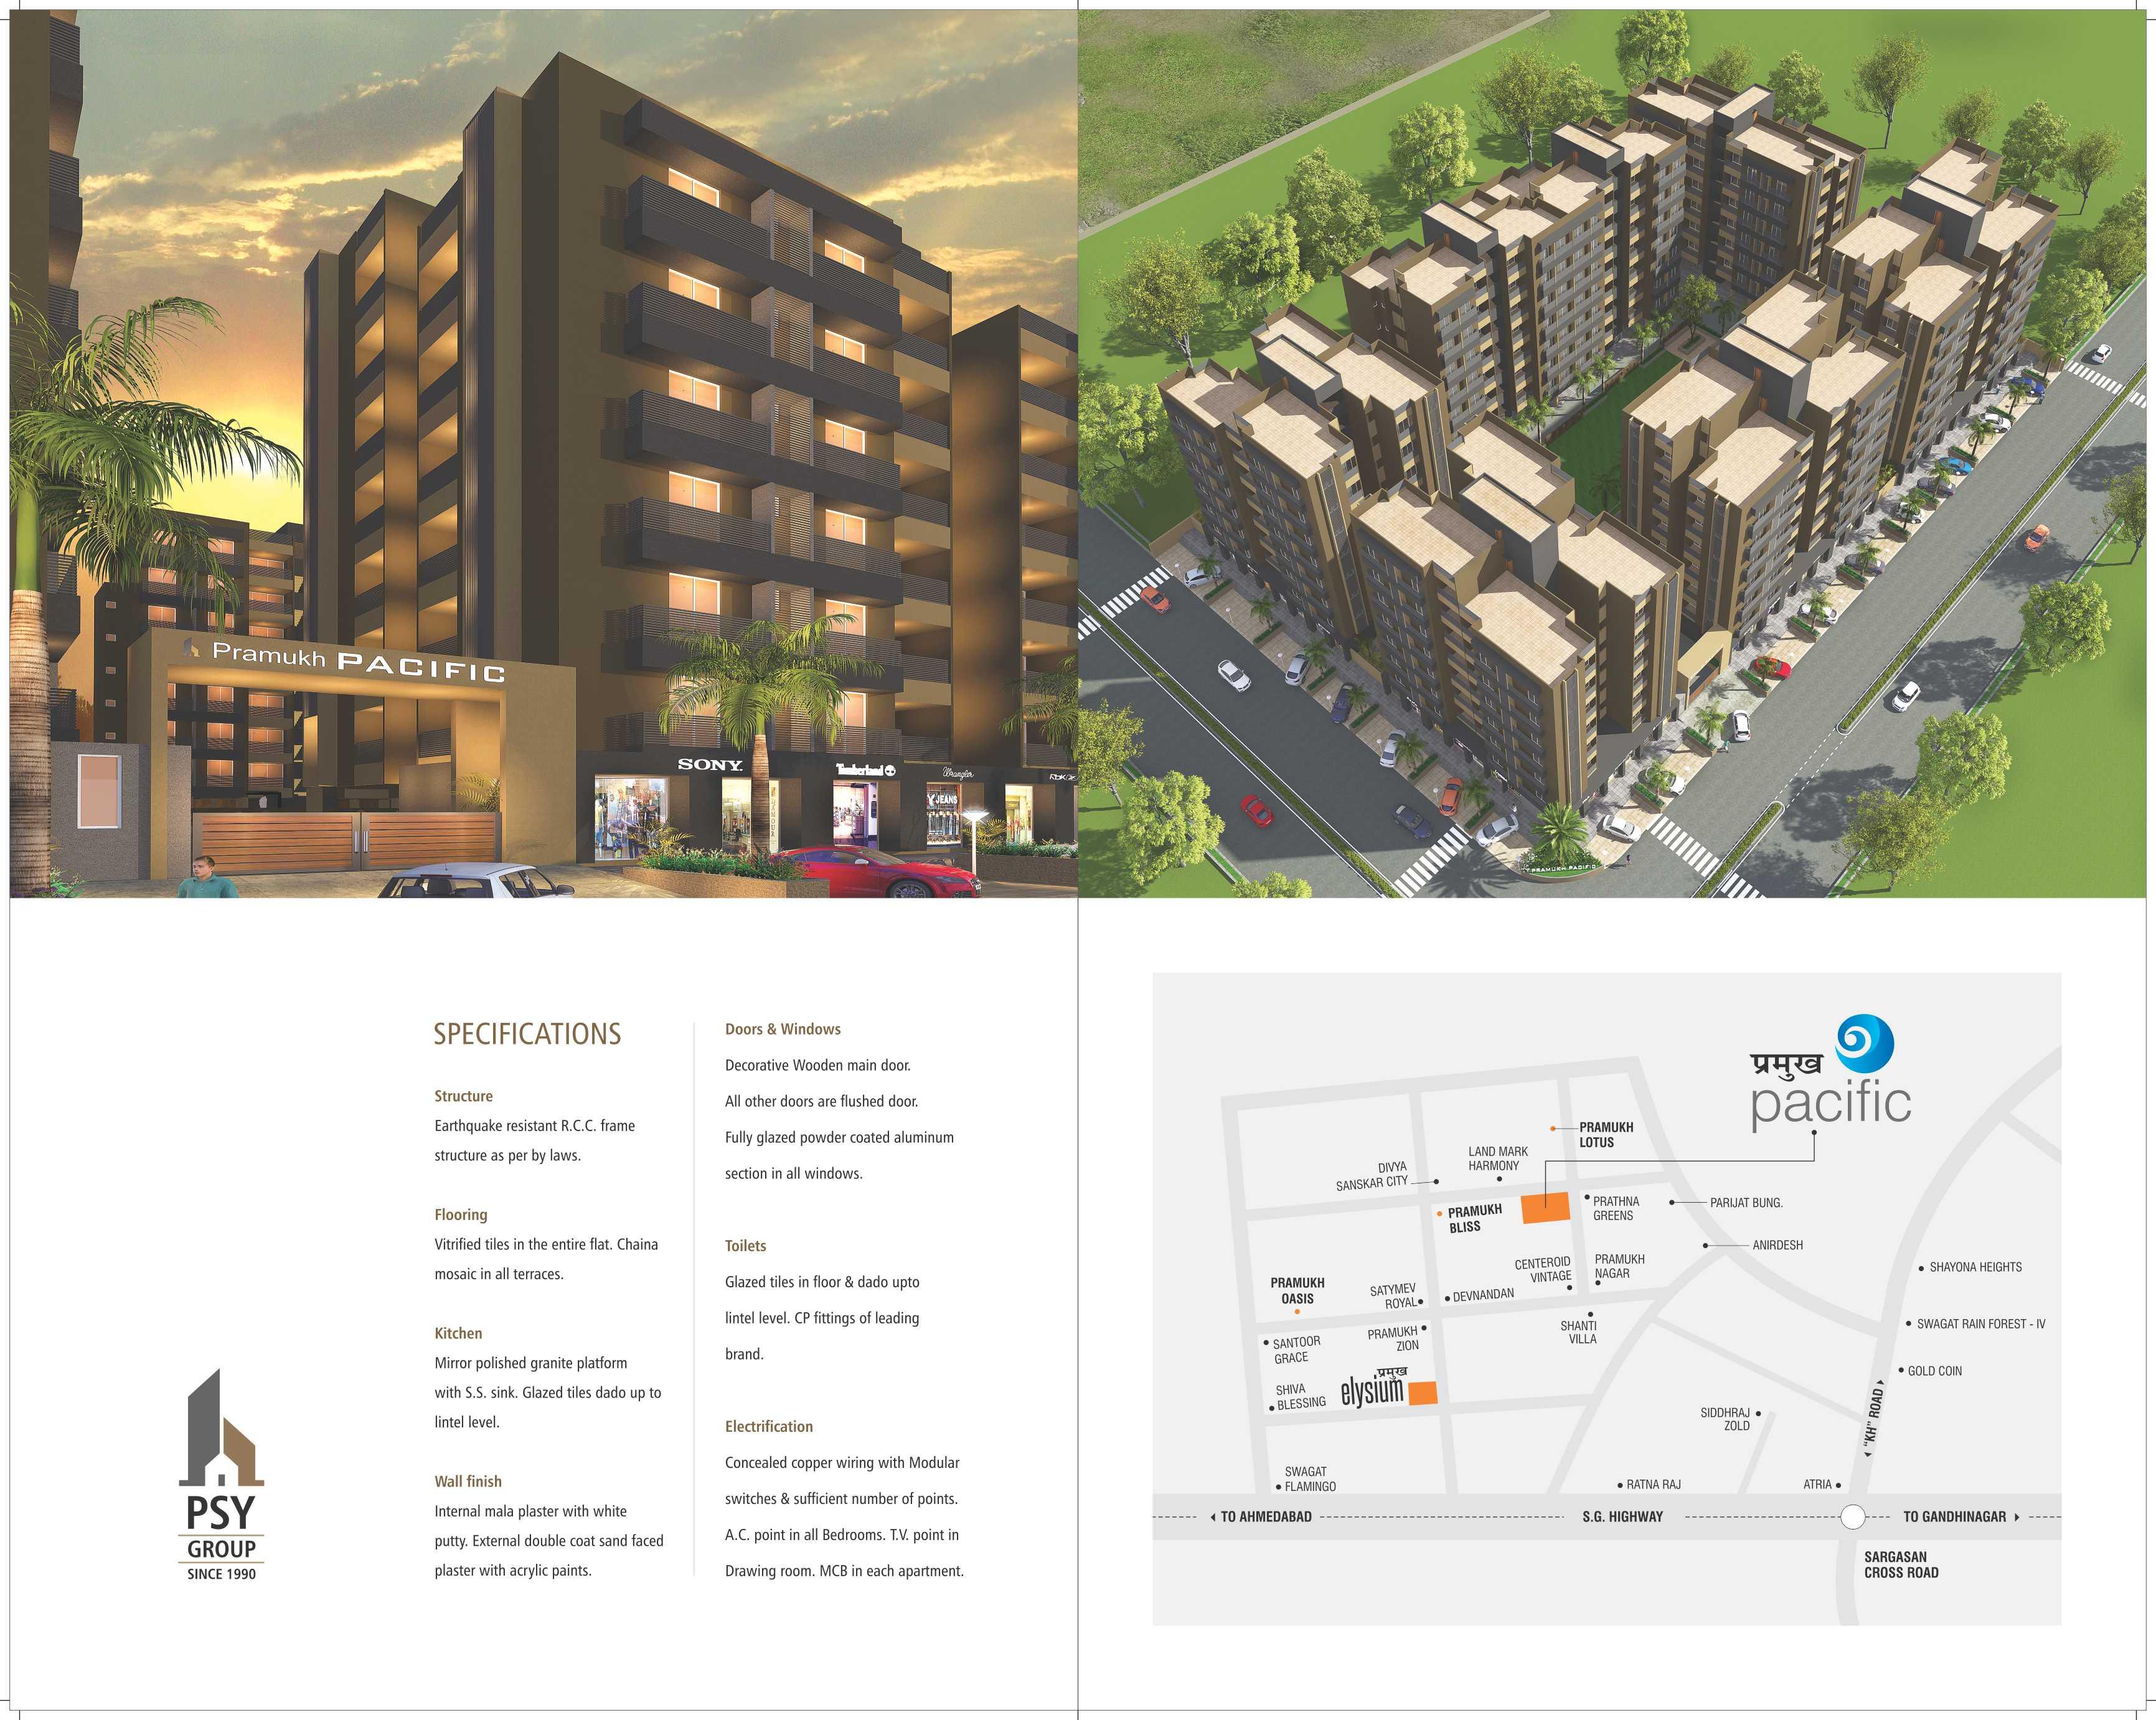 Pramukh Pacific 2 & 3 BHK Apartments & Shops at Gandhinagar | PSY